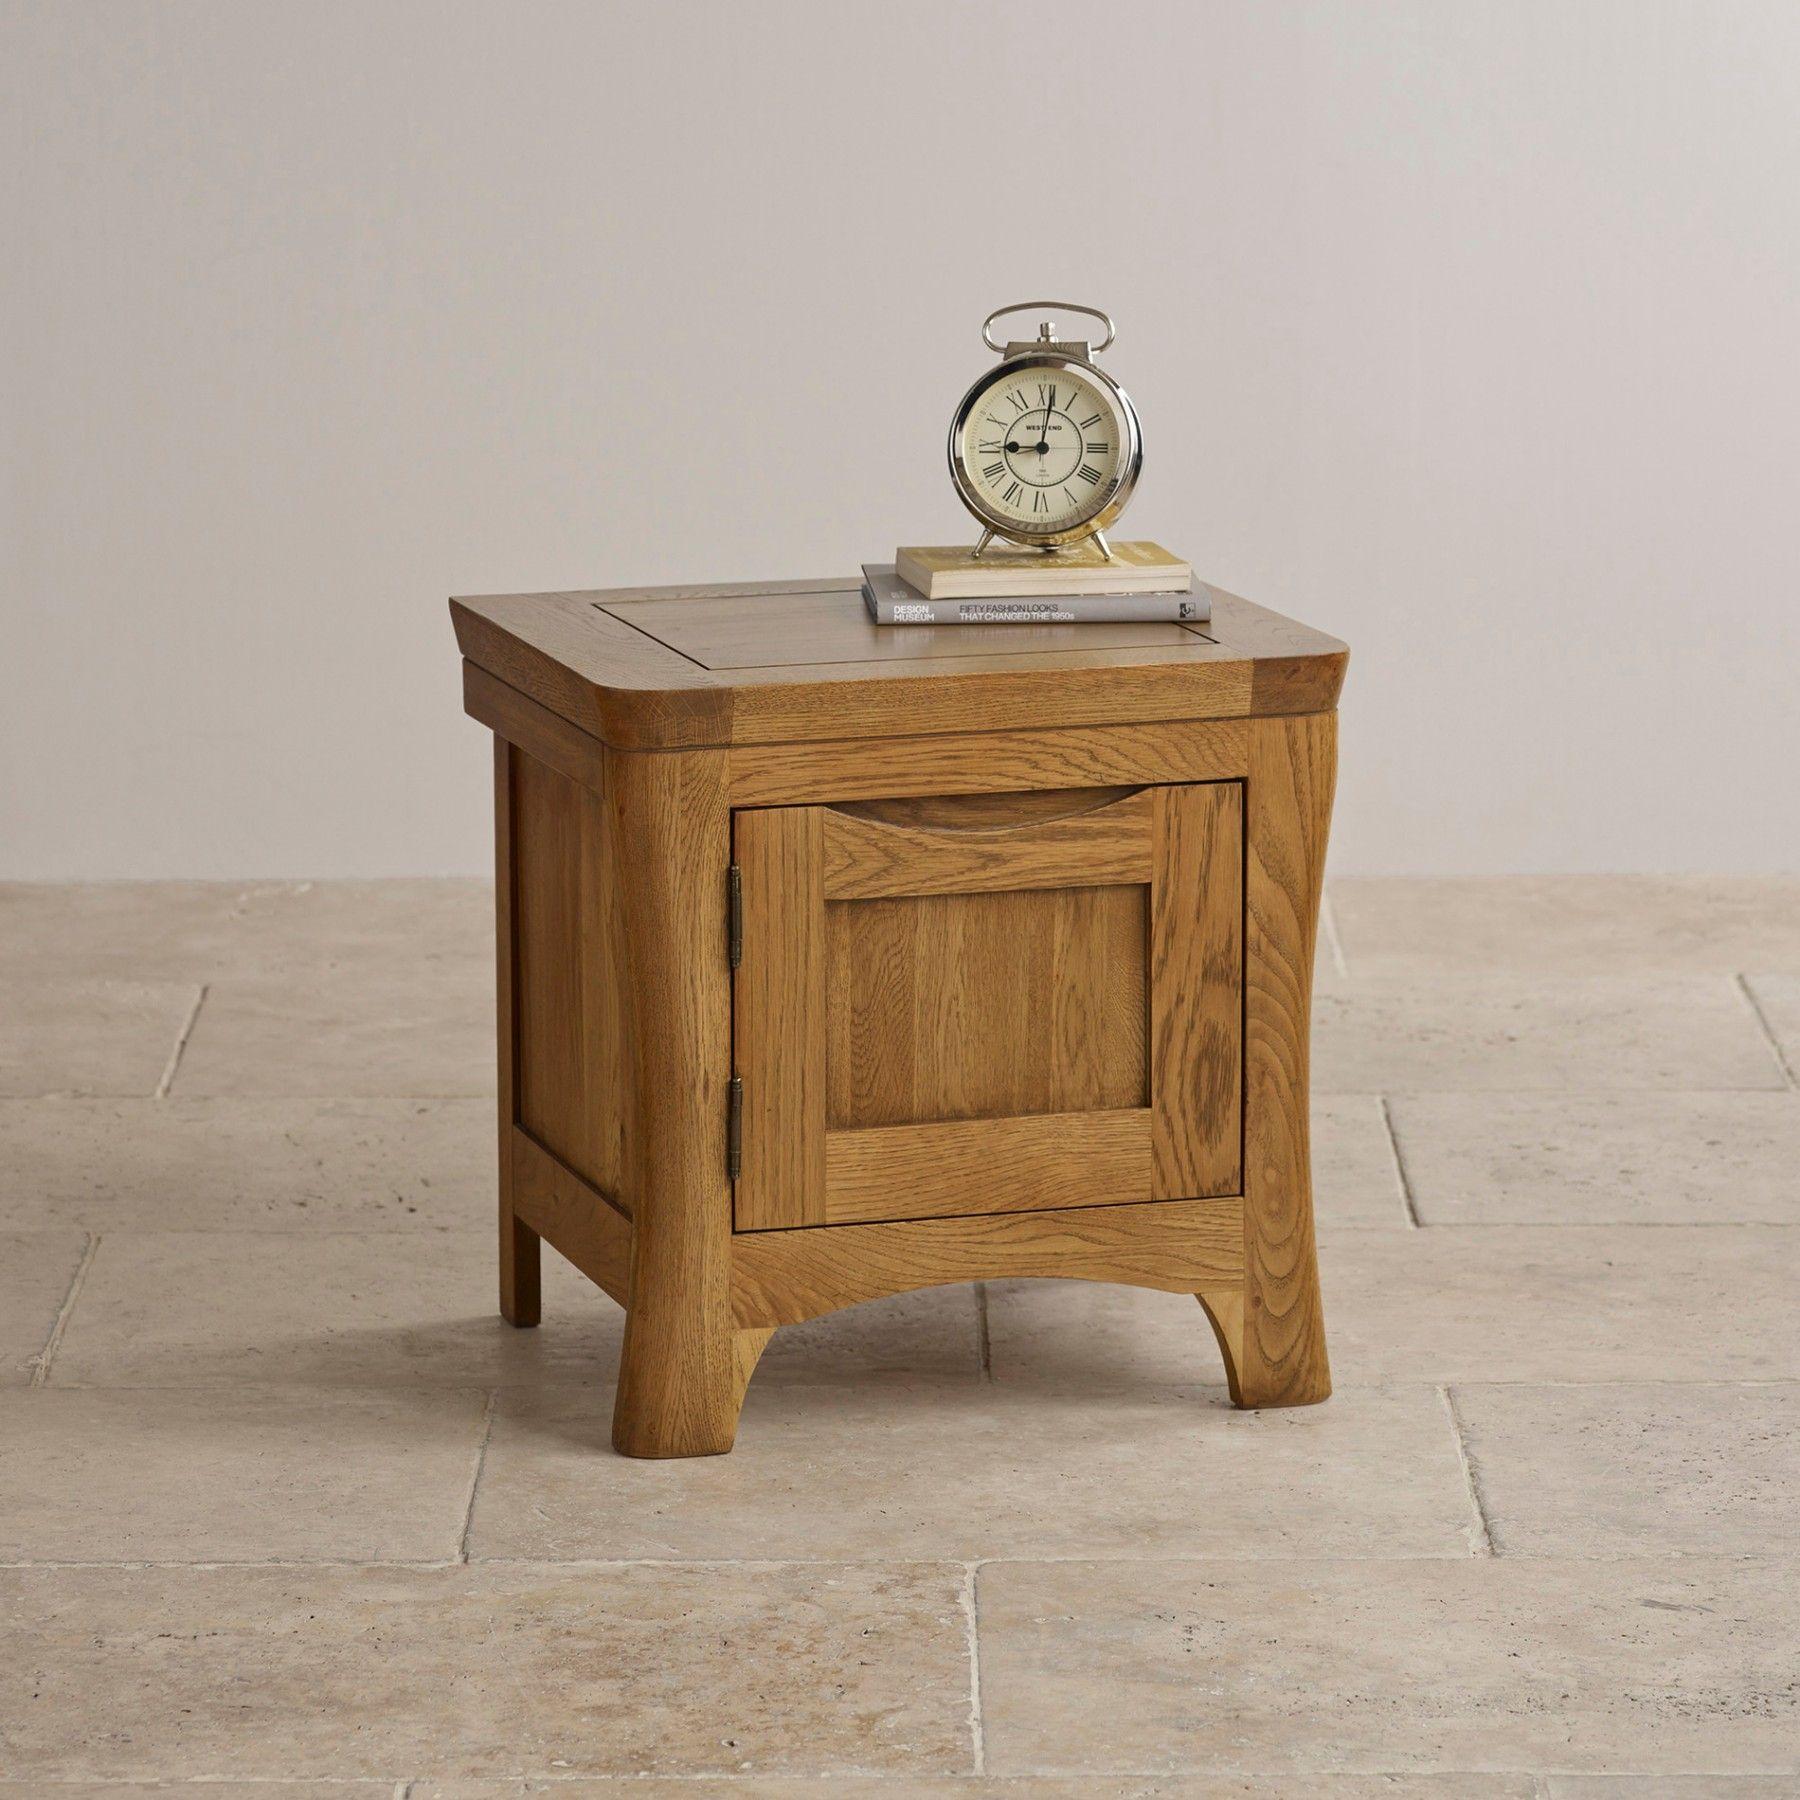 The Orrick Rustic Solid Oak 1 Door Nightstand